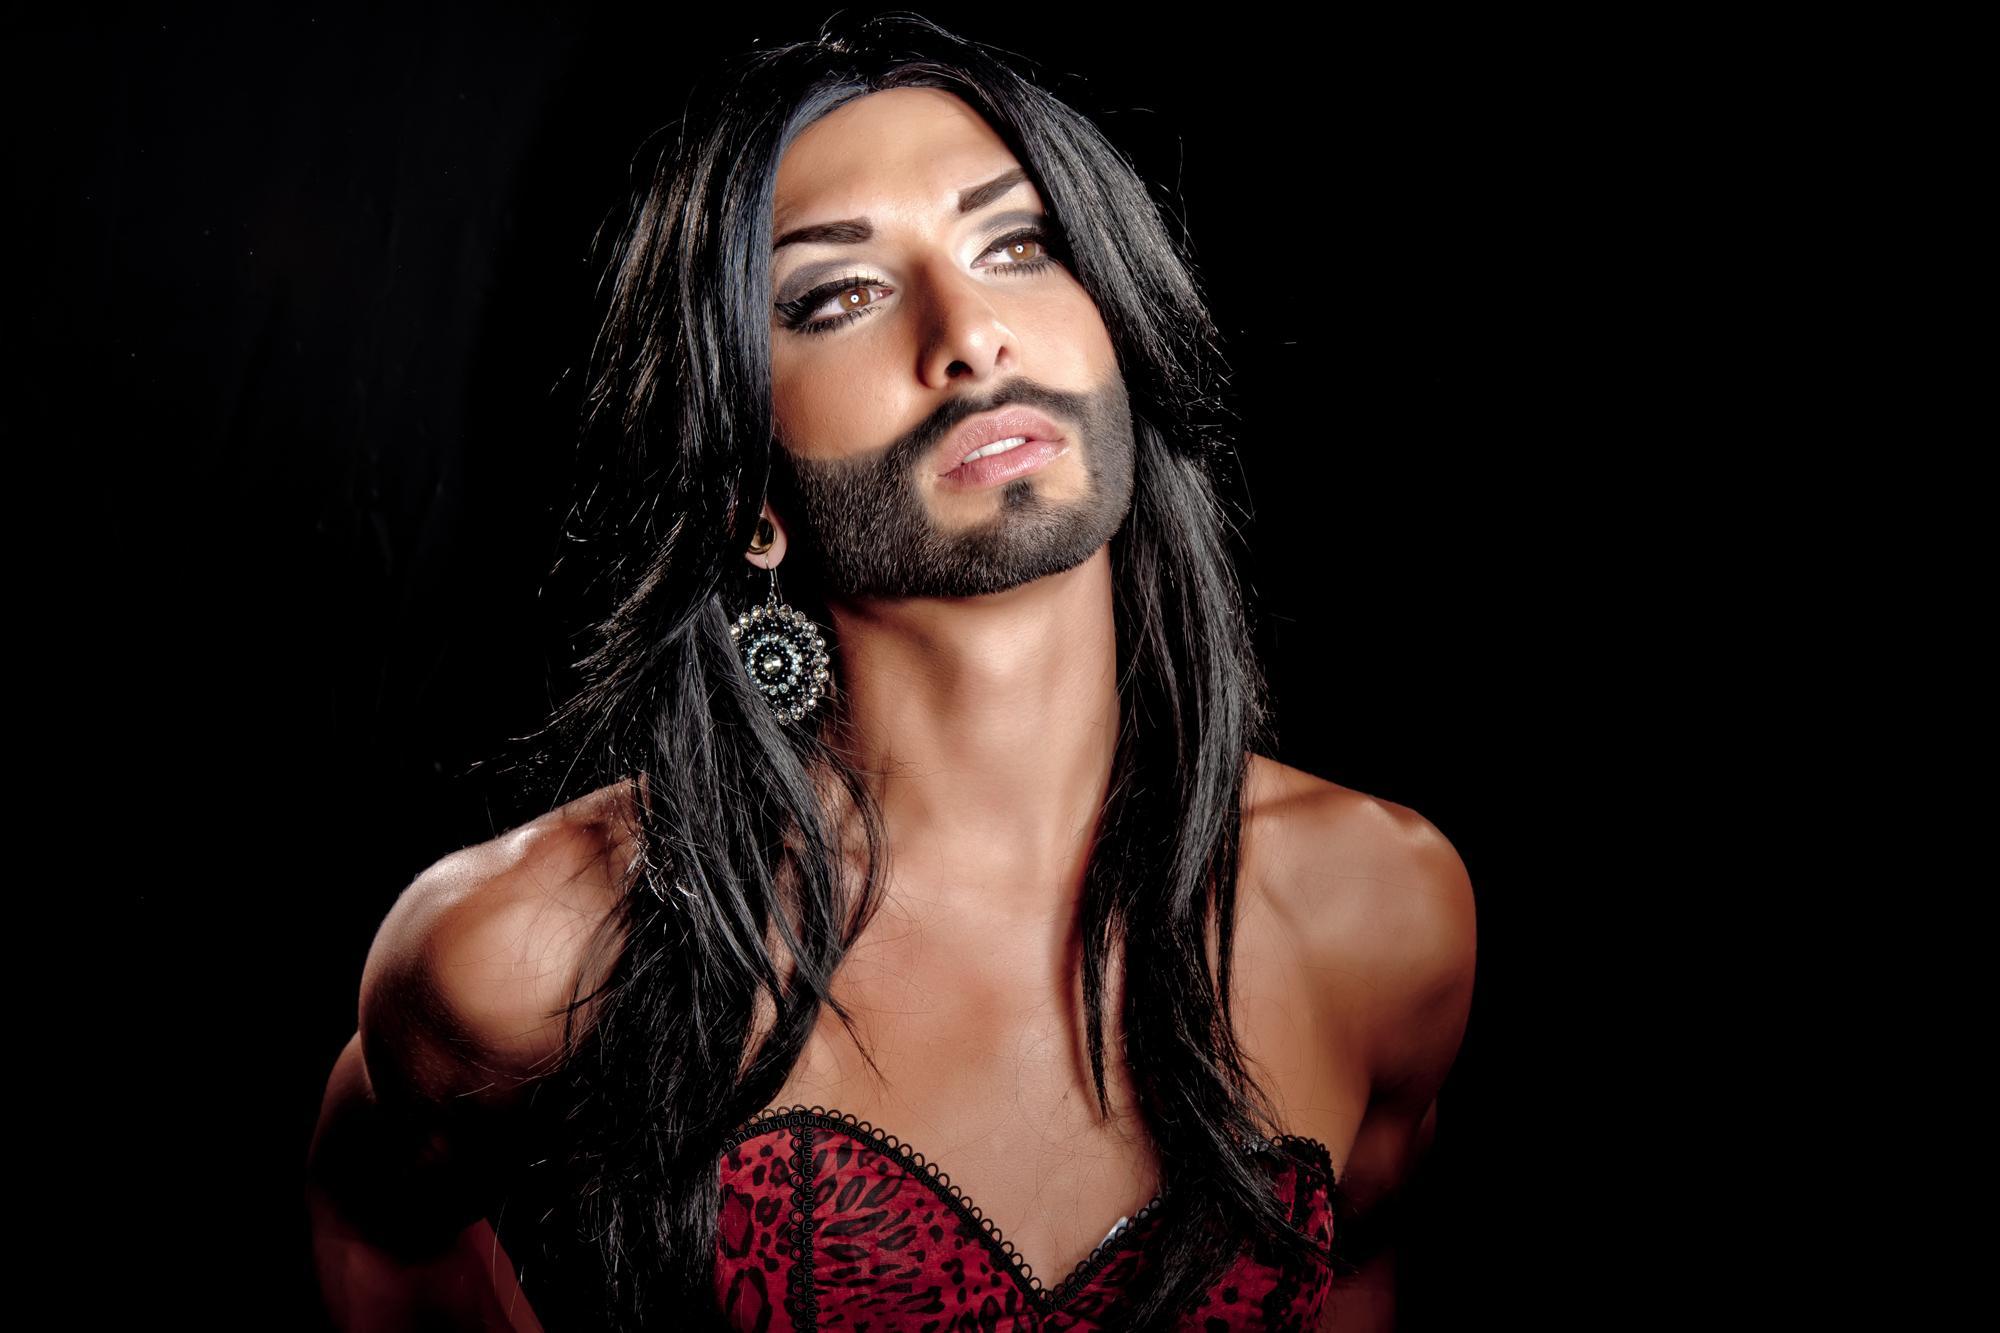 """Eurovisiooni on järjepidevalt kasutatud selleks, et tõsta esile """"transsoolisuse"""" ideoloogiat. 2014. aastal krooniti """"lauluvõistluse"""" võitjaks """"habemega mees"""" Conchita Wurst, keda esitleti sadadele miljonitele vaba maailma kangelasena."""